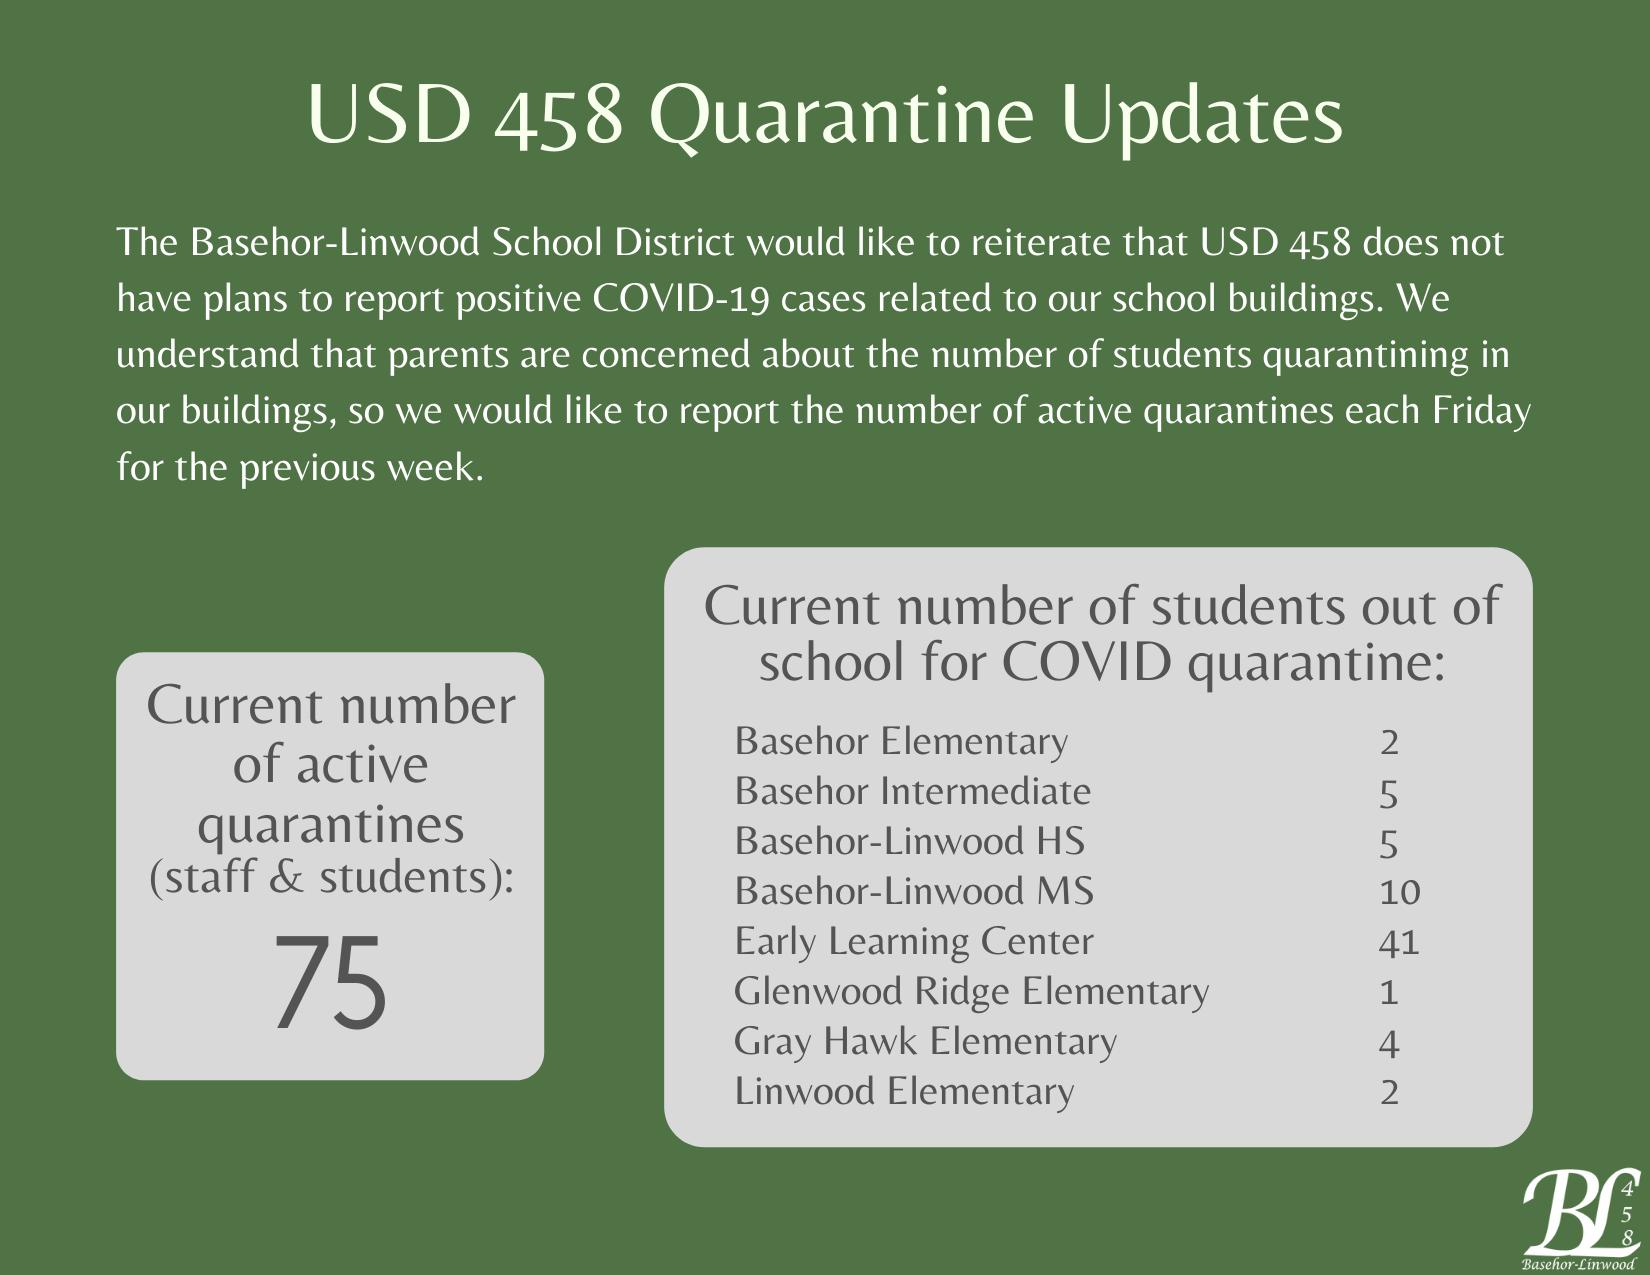 75 quarantines on September 3, 2021